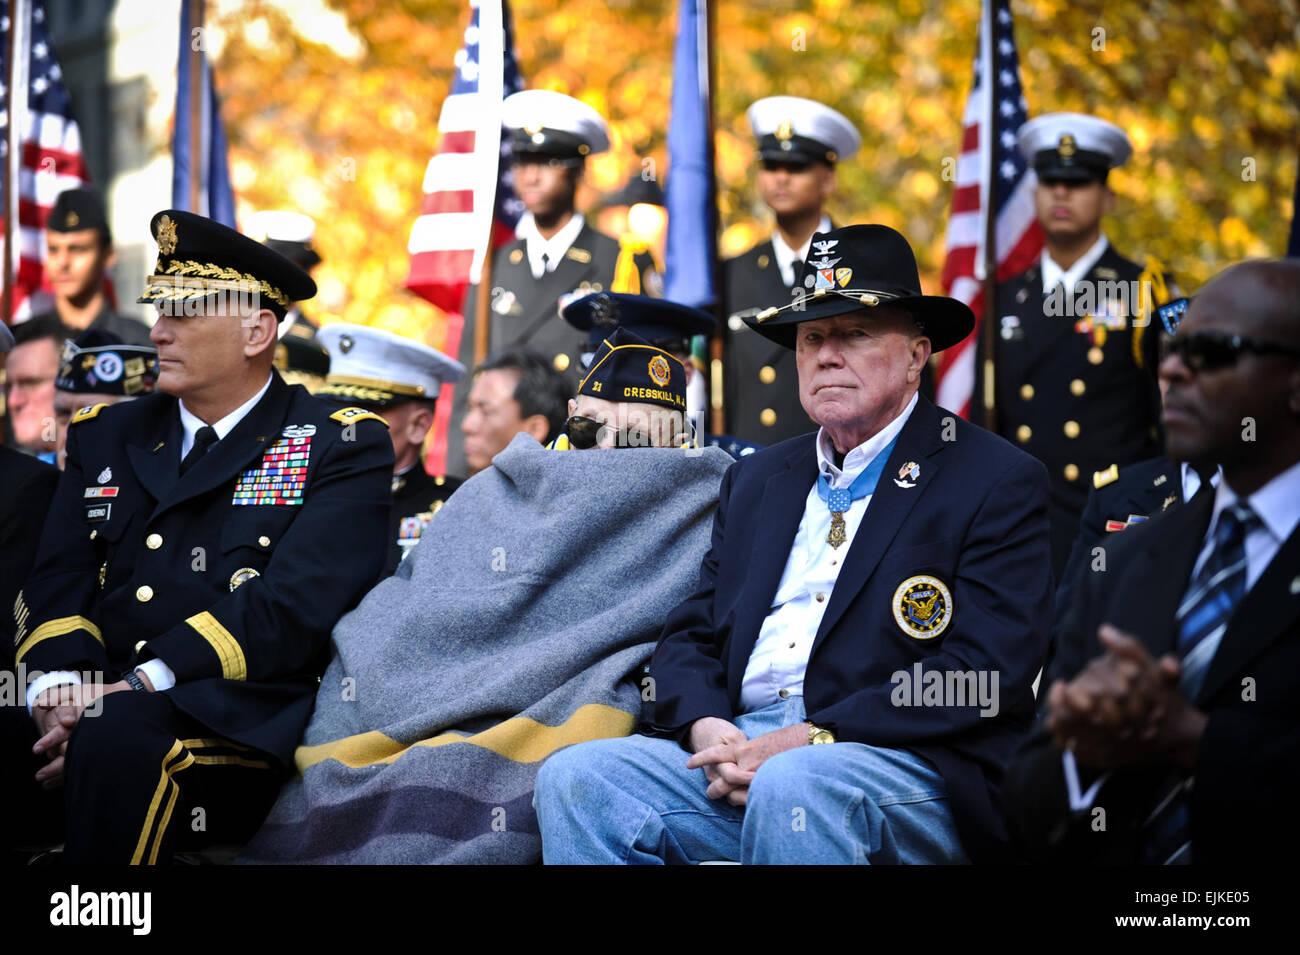 El coronel del ejército retirado Bruce P. Crandall, derecha, y Nicholas Oresko, centro, ambos ganadores de la Medalla de Honor, asistir a las actividades del Día de los Veteranos en Madison Square Park, en la Ciudad de Nueva York, Nueva York en honor a los veteranos de la guerra del 11 de noviembre, 2011. Oresko viviente más antigua es la Medalla de Honor. El Sargento. Teddy Wade Foto de stock